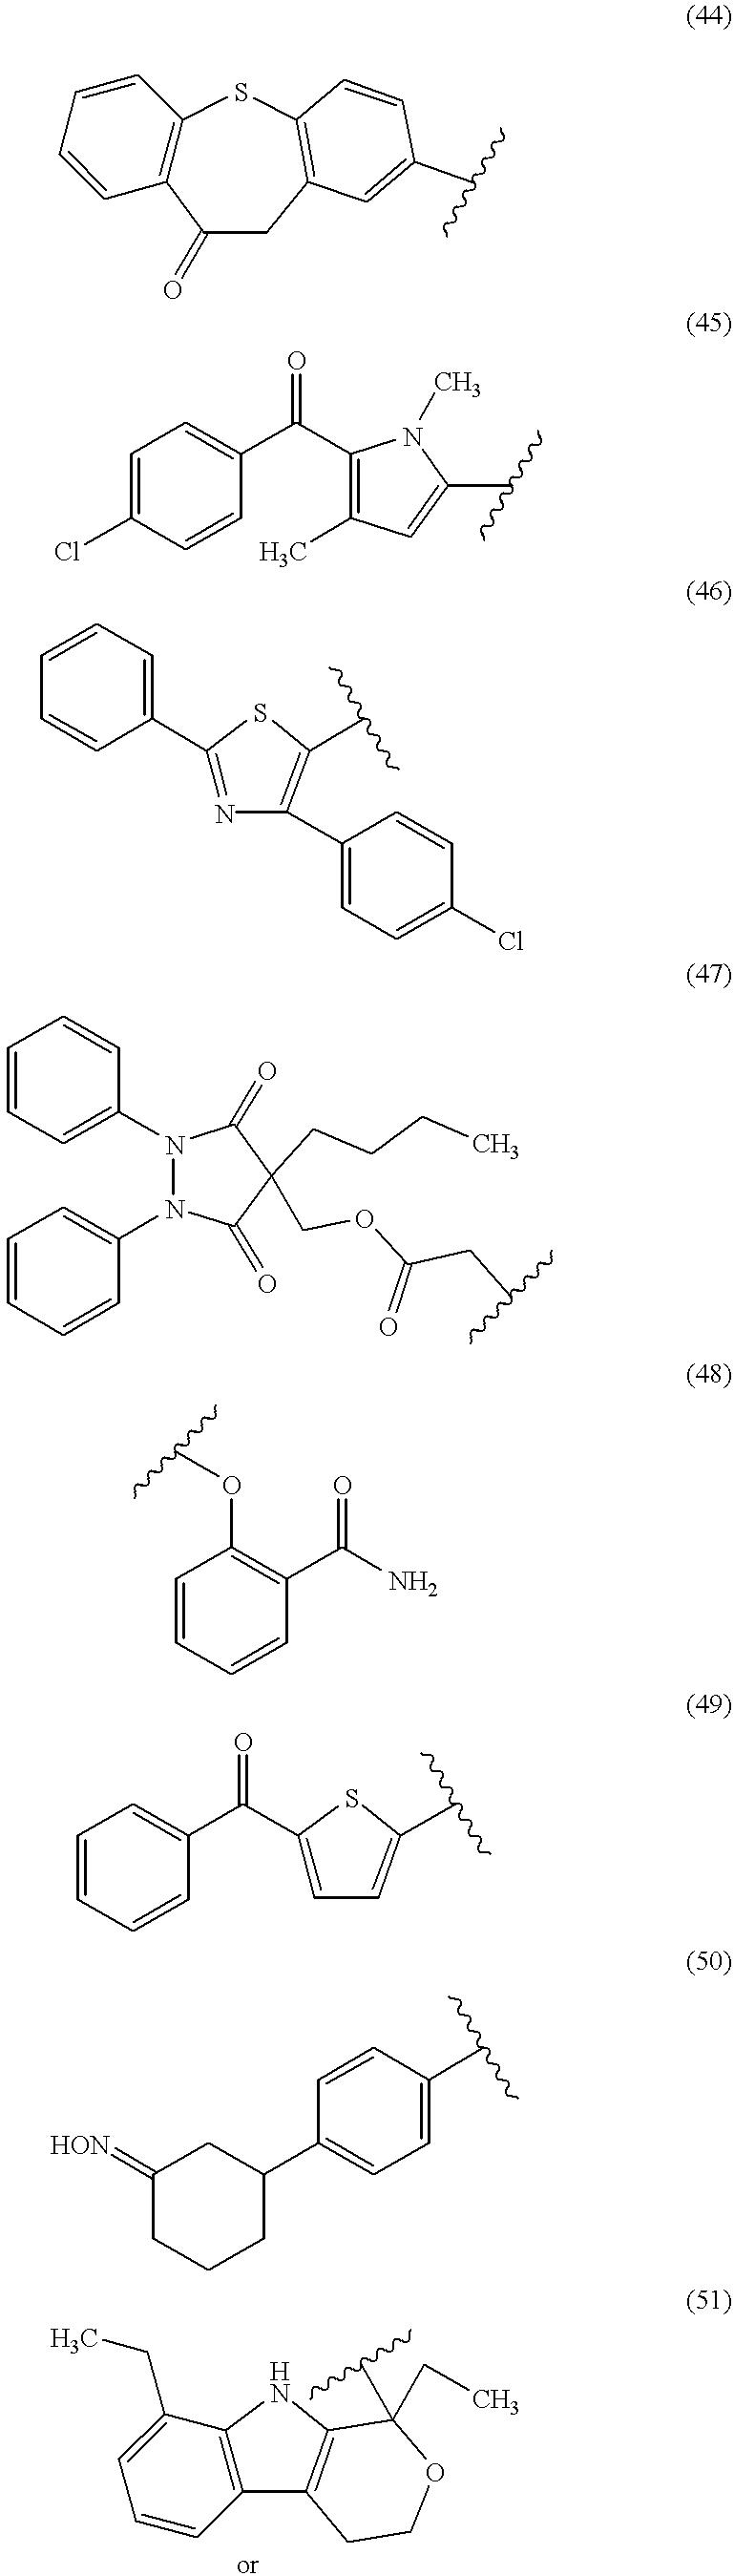 Figure US06297260-20011002-C00007